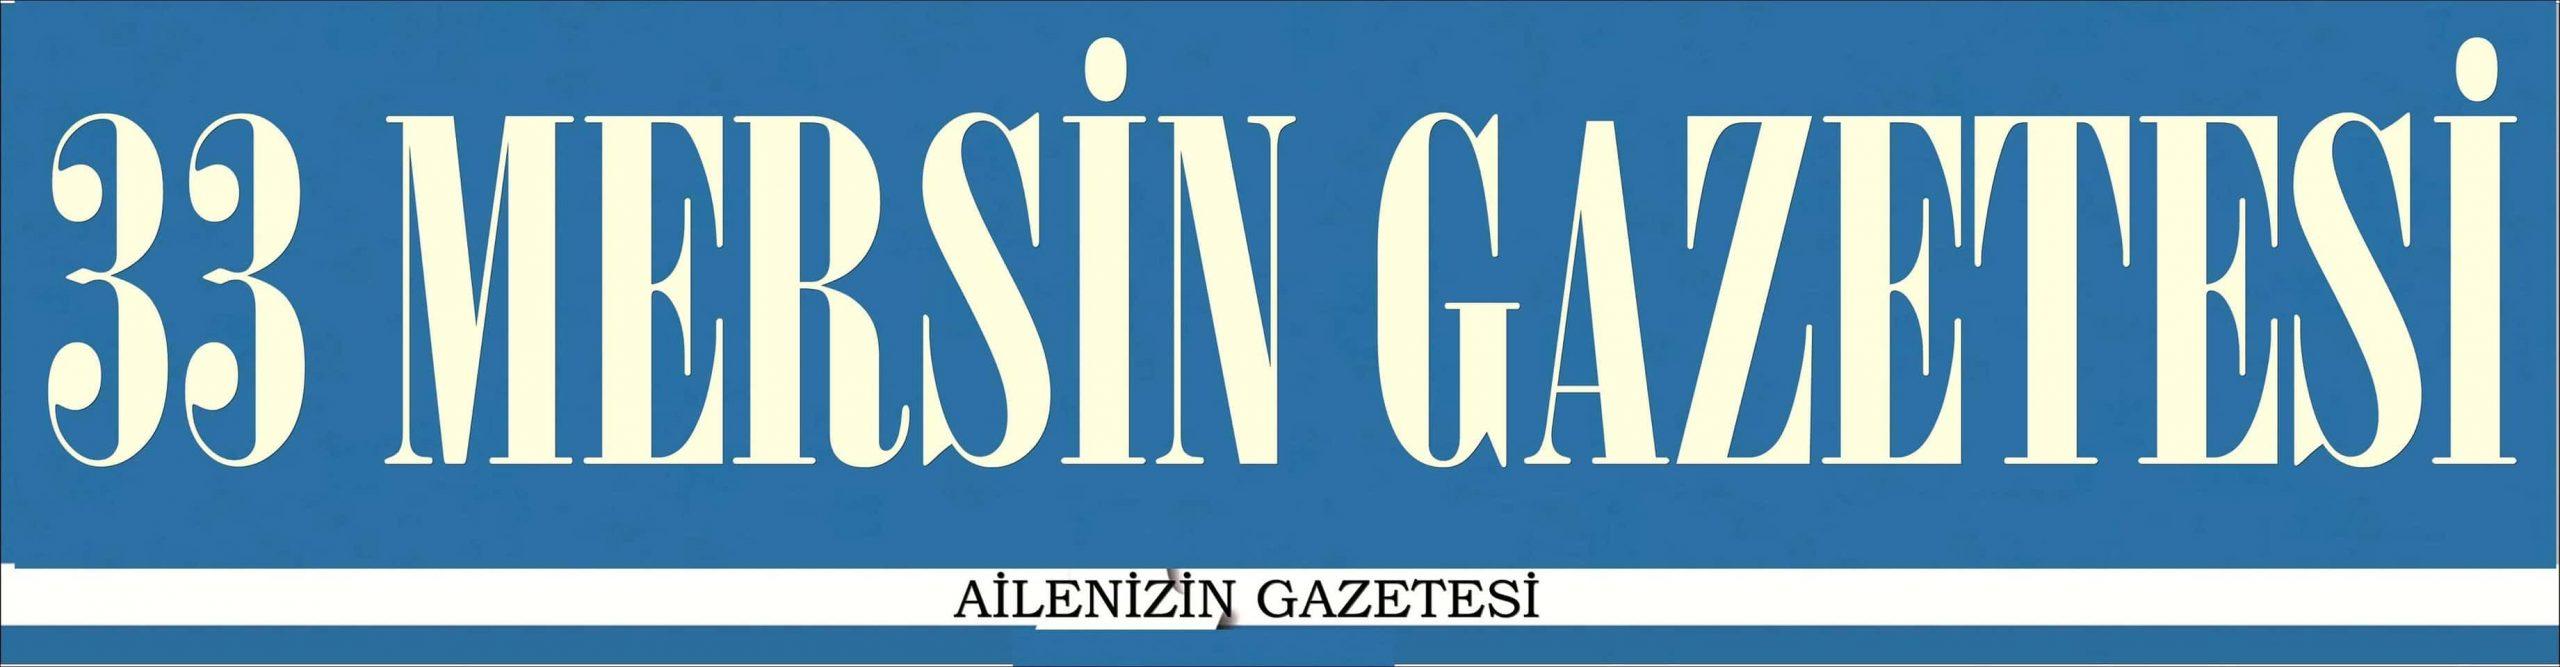 33 Mersin Gazetesi